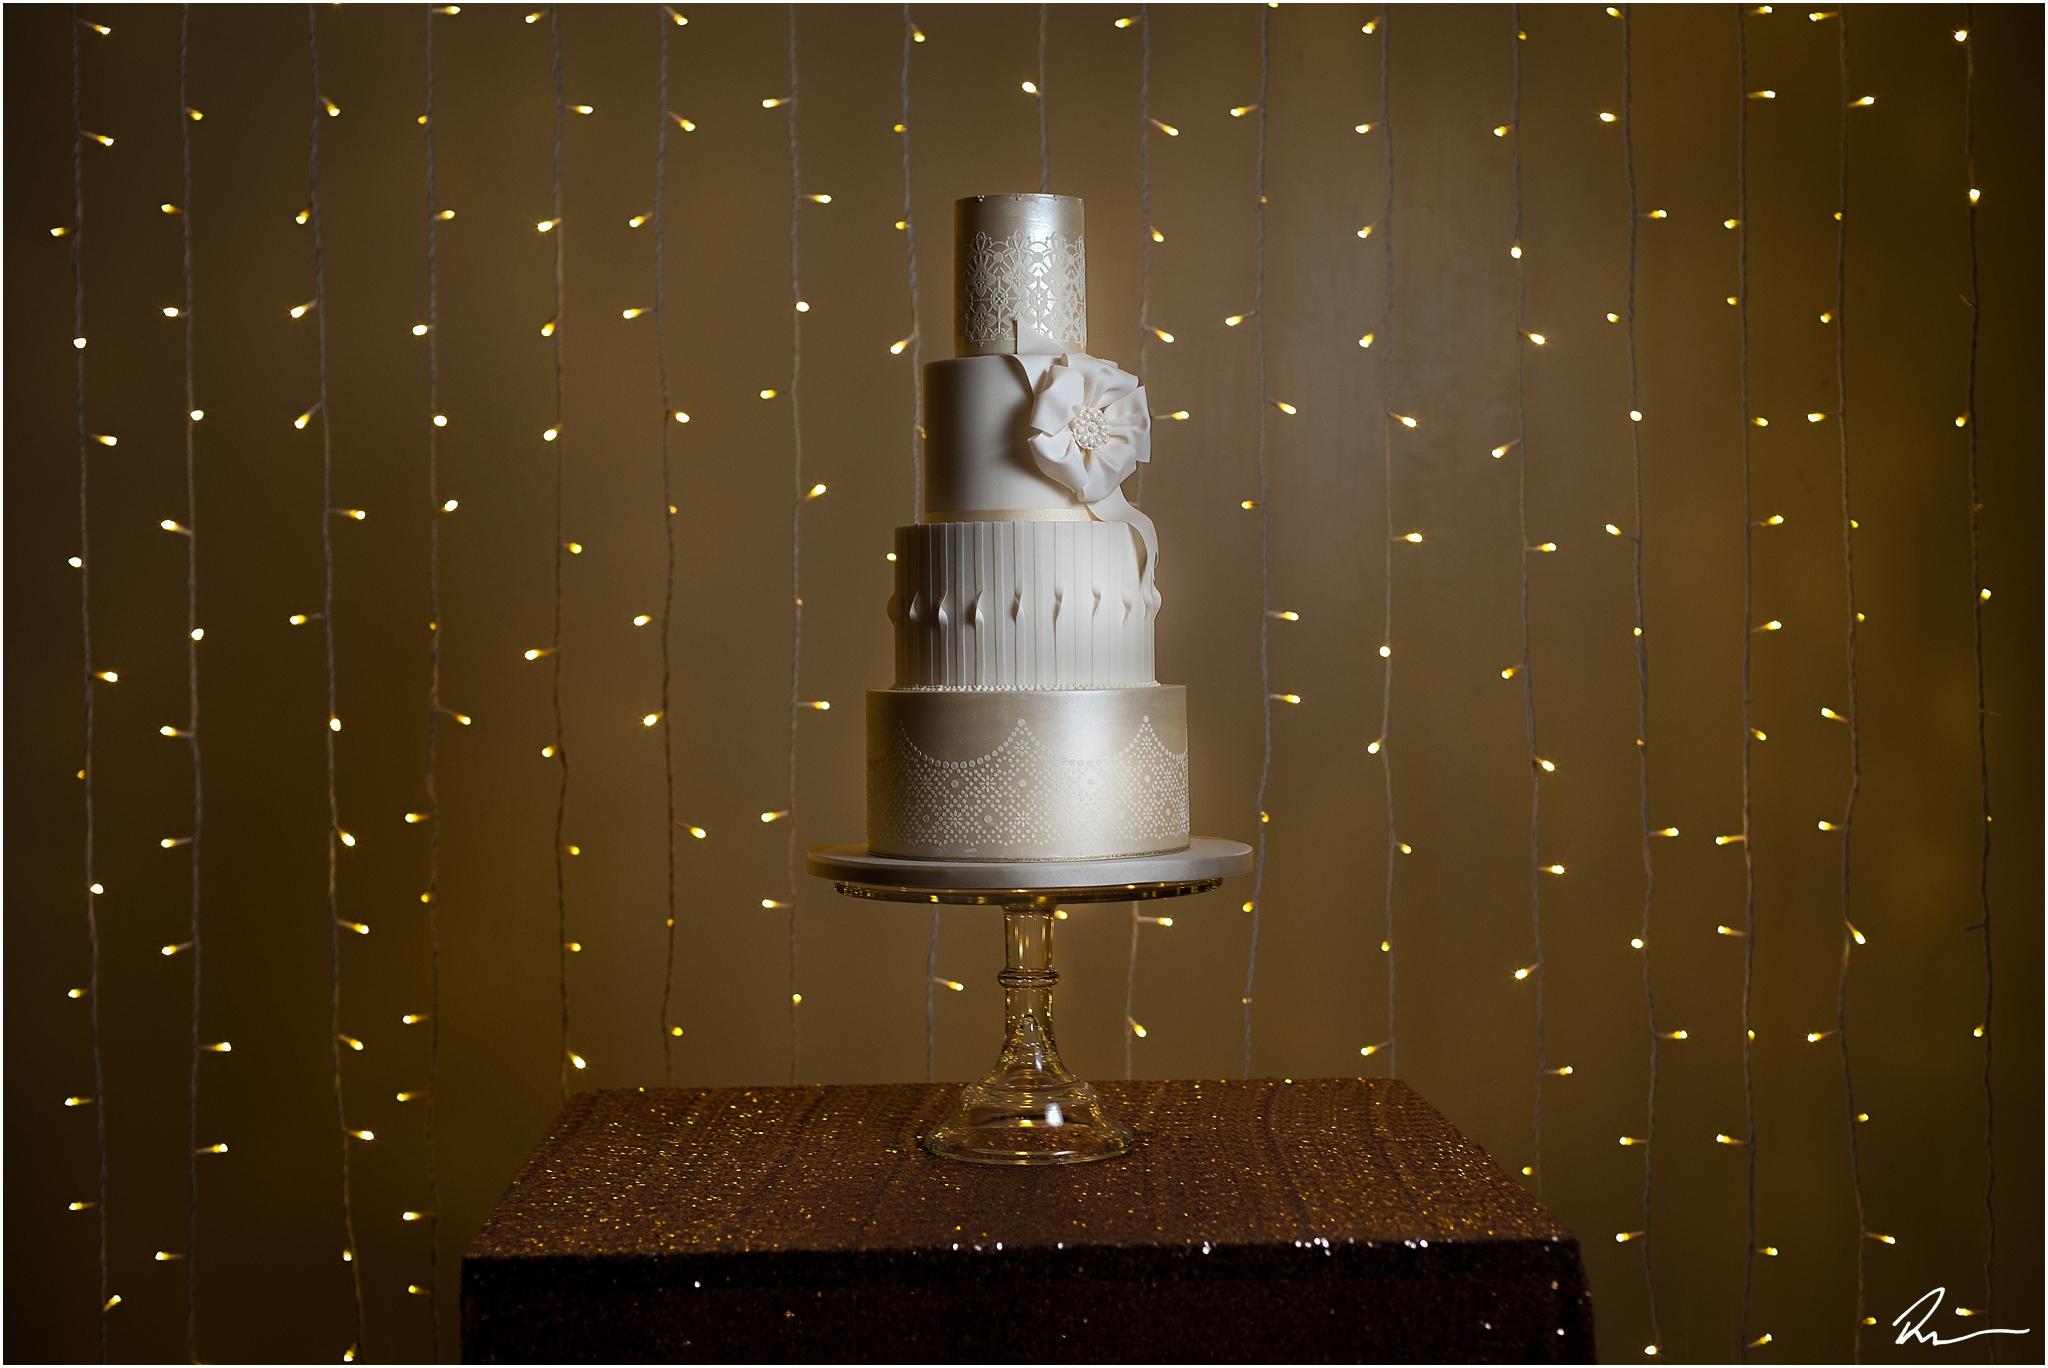 suffolk-wedding-cakes-ross-dean